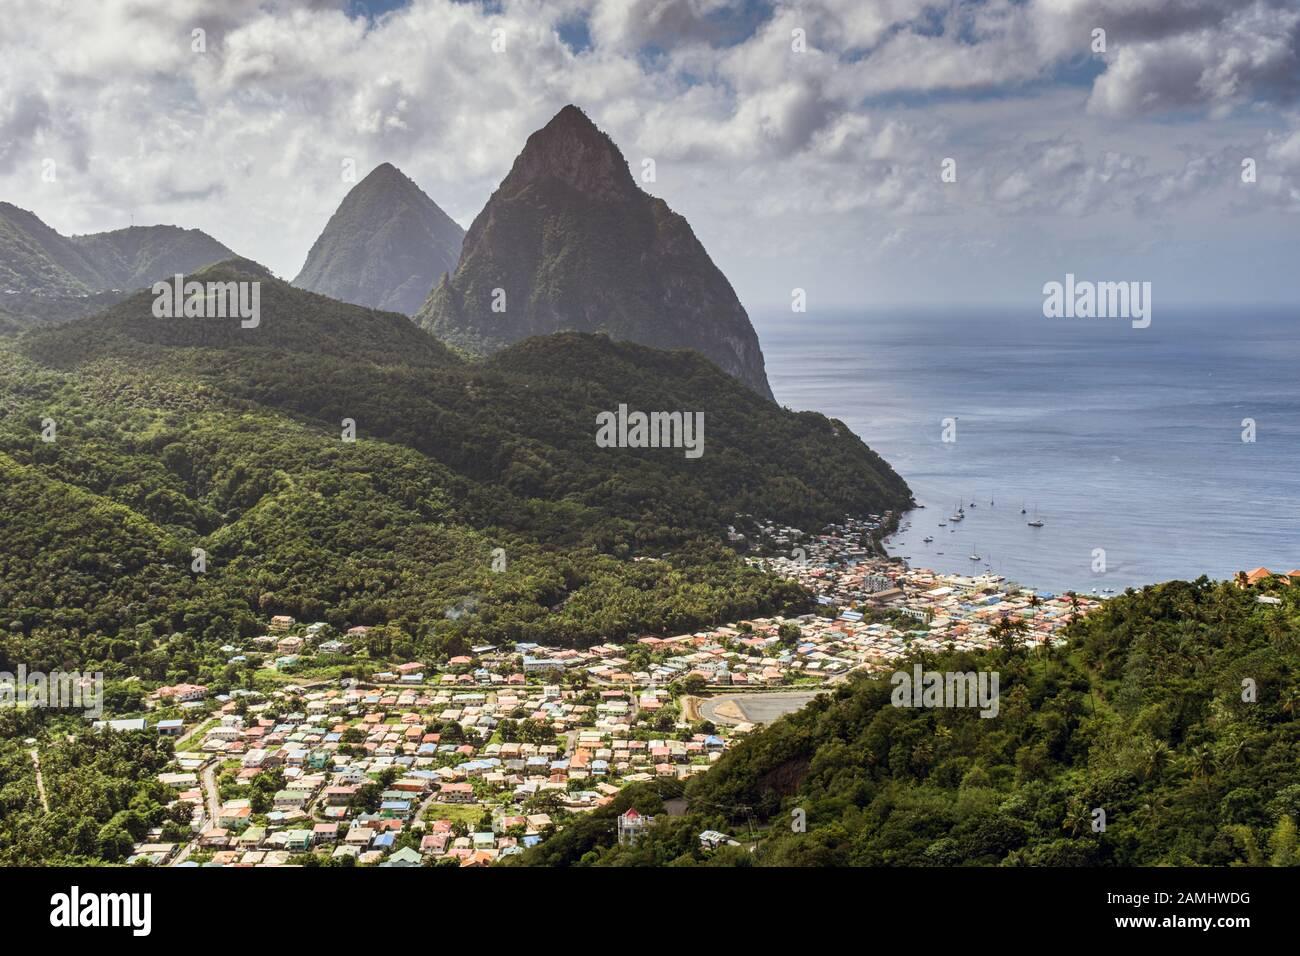 Vue sur Soufriere, avec les deux sommets des montagnes Piton derrière, Sainte-Lucie, Antilles, Caraïbes Banque D'Images